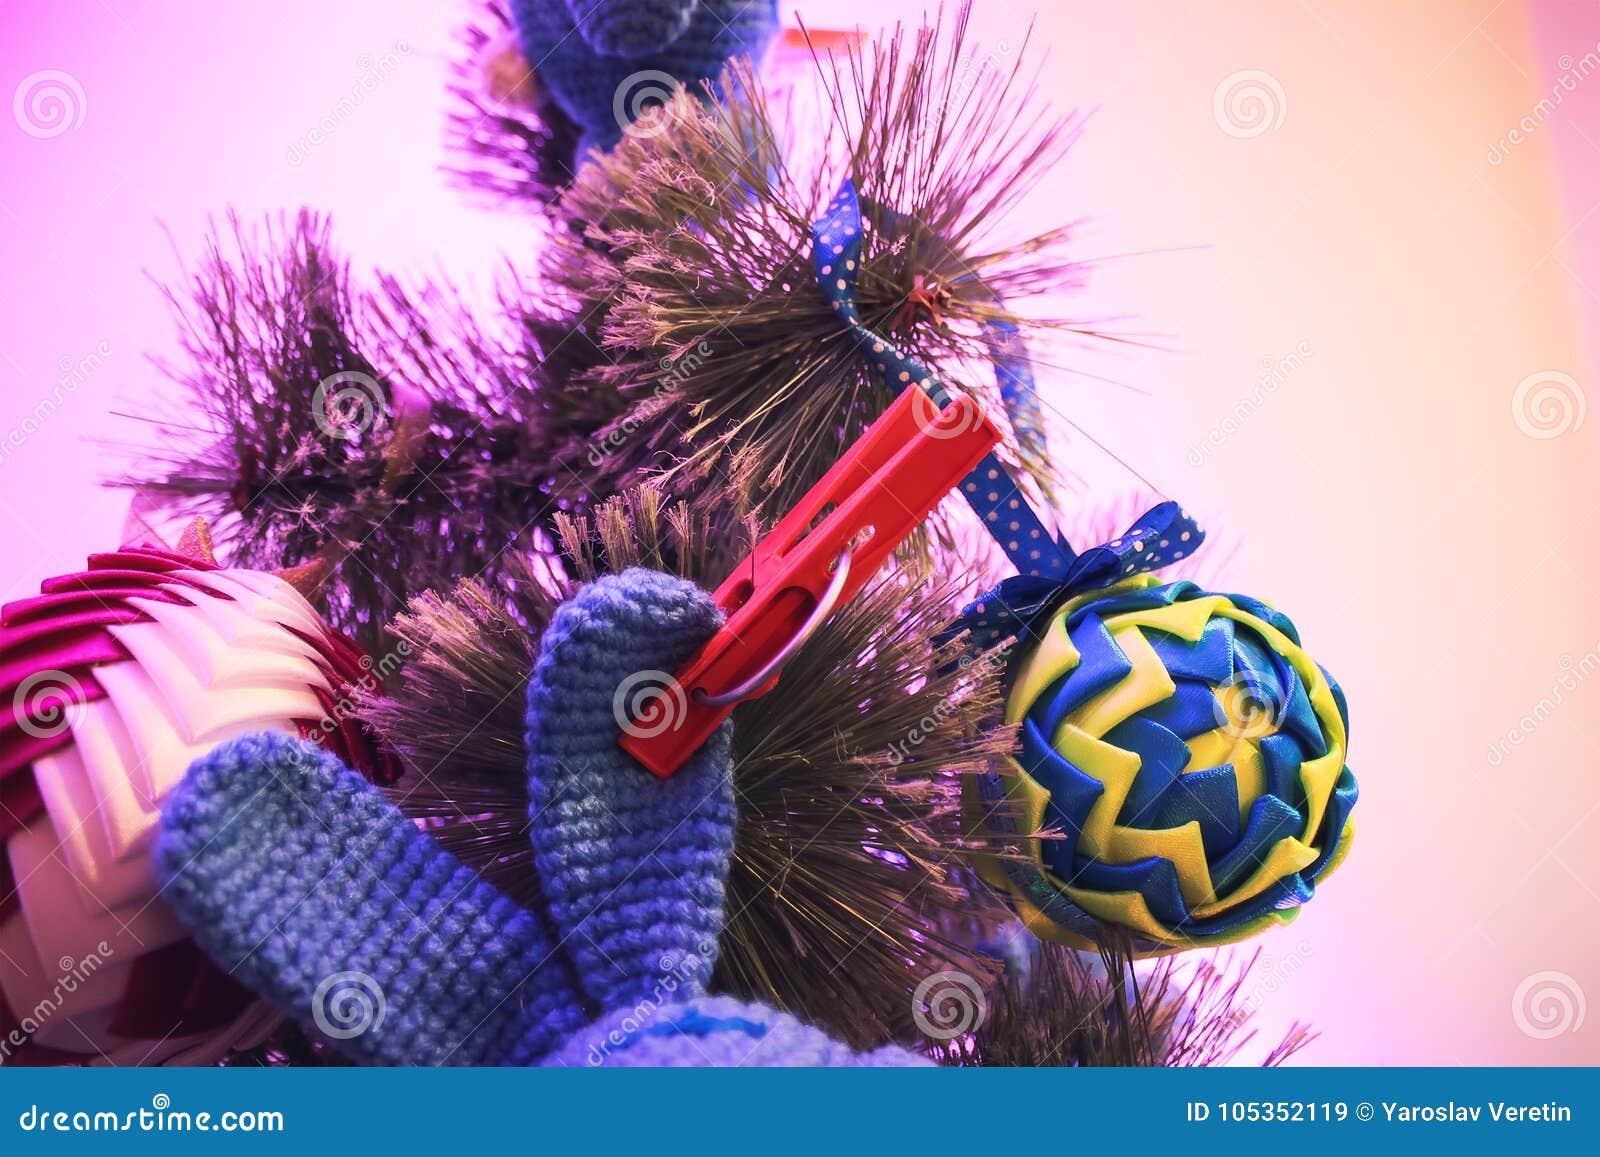 Рождественская елка с игрушками на счастливый Новый Год